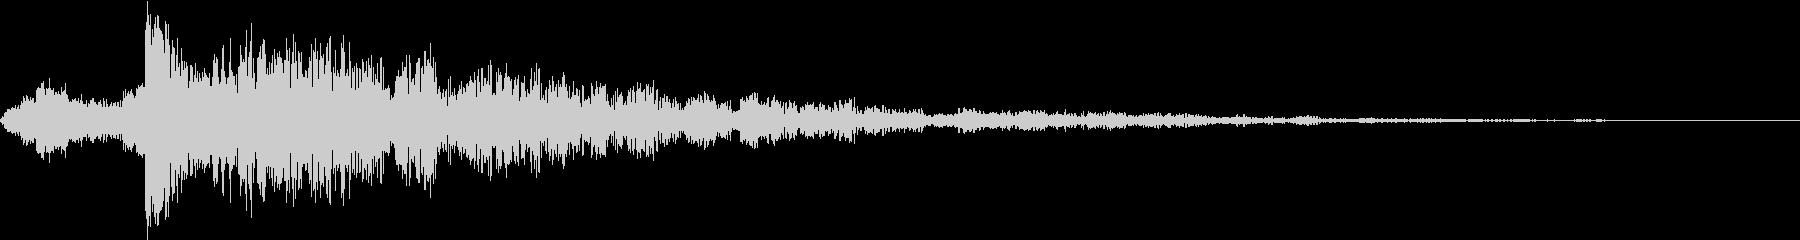 大きな残響ドラムヒットとエコーチャイムの未再生の波形